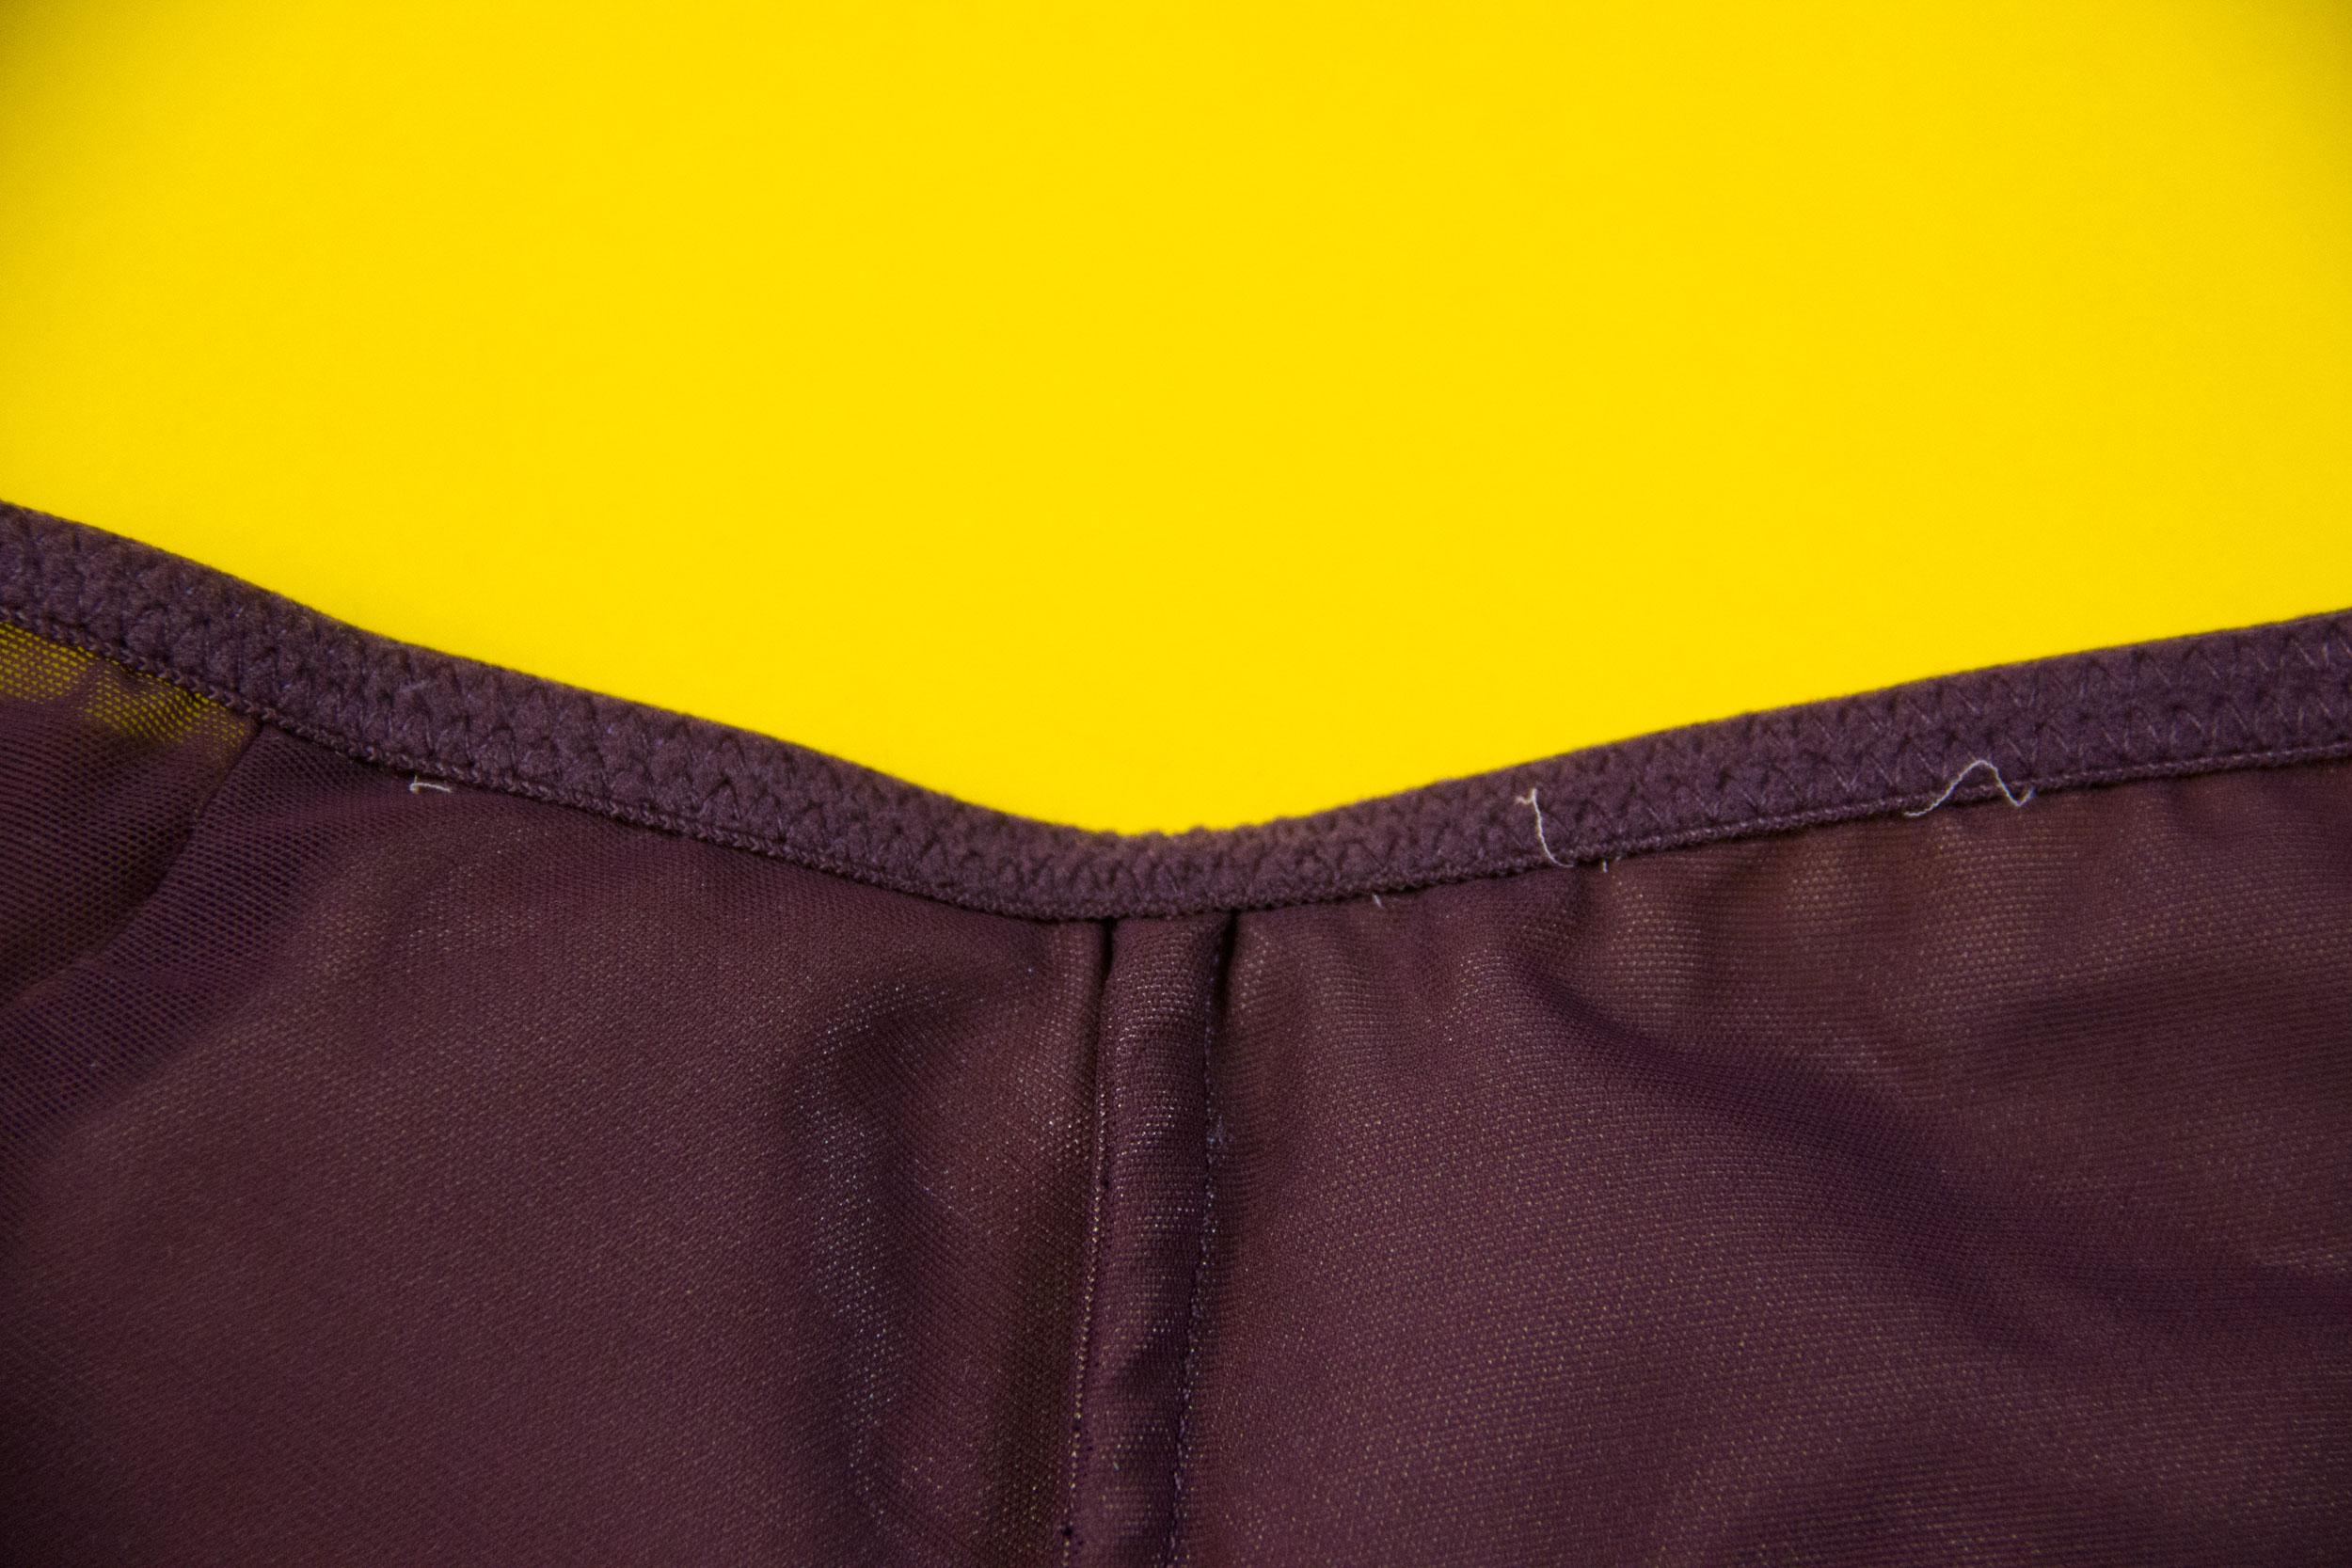 Обзор нижнего белья Voiment на garterblog.ru. Все права на материалы публикации защищены